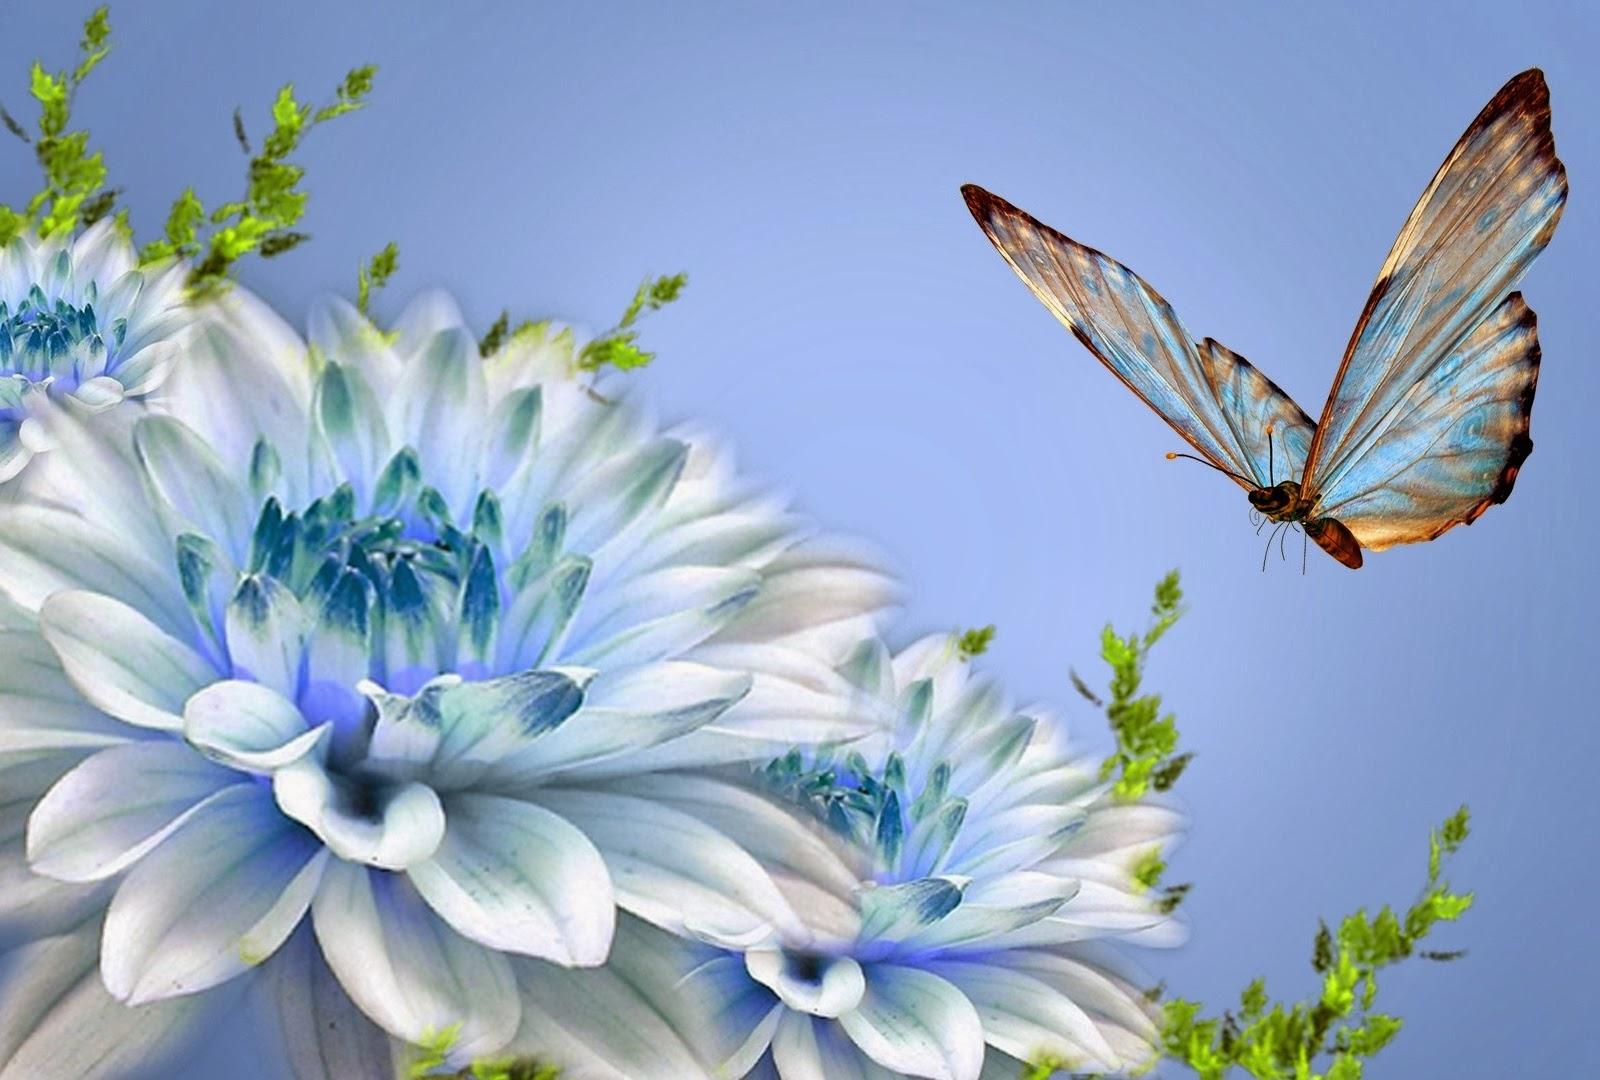 Love Hd Wallpapers 1080p Wallpapersafari